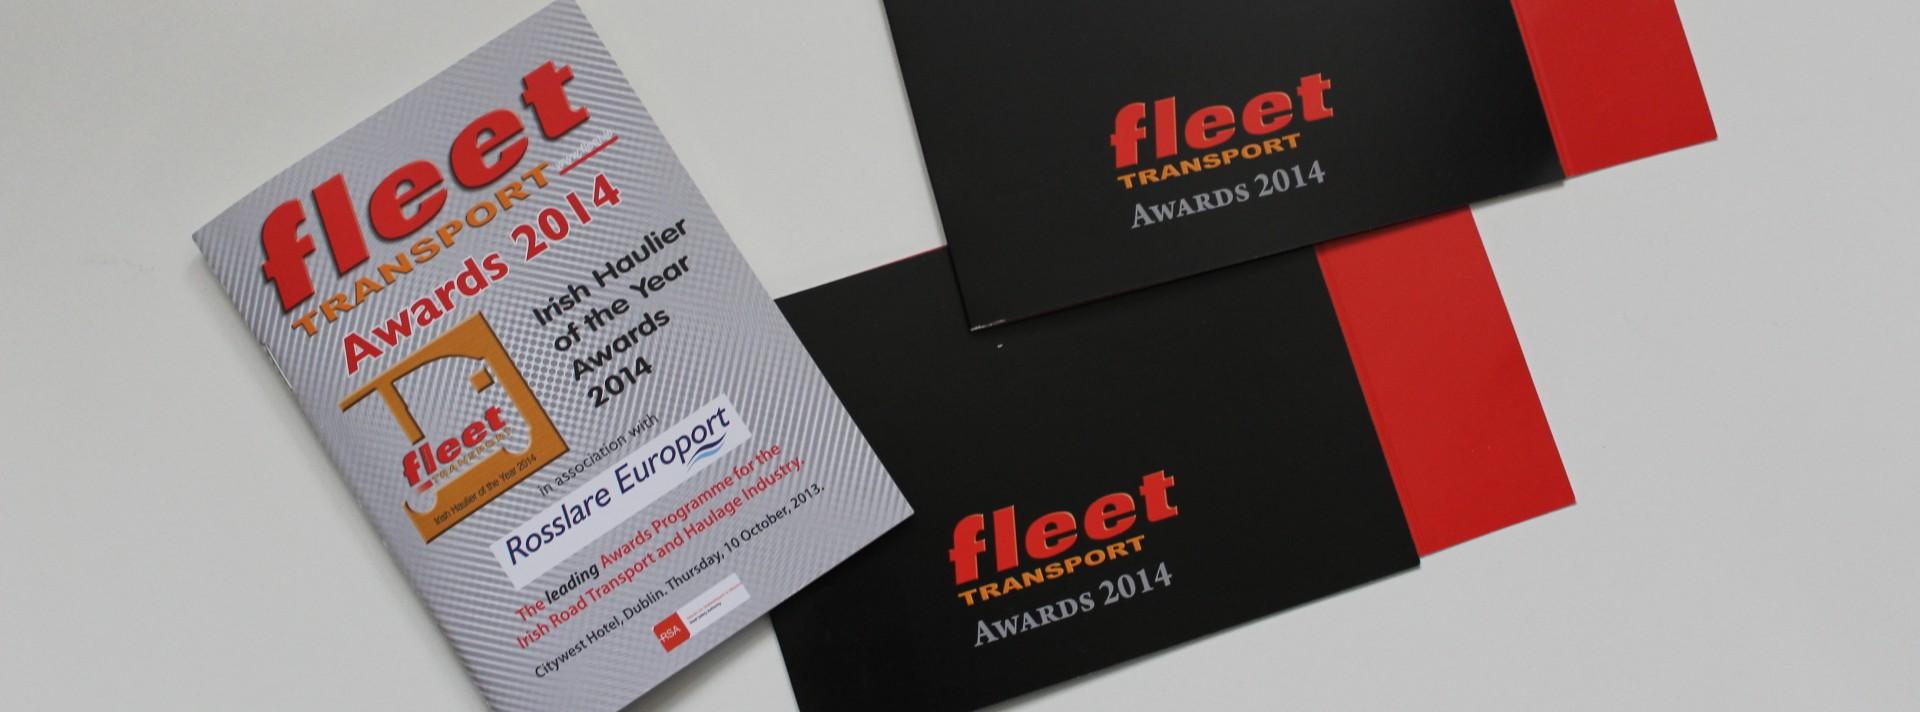 Irish fleet transport awards 2014